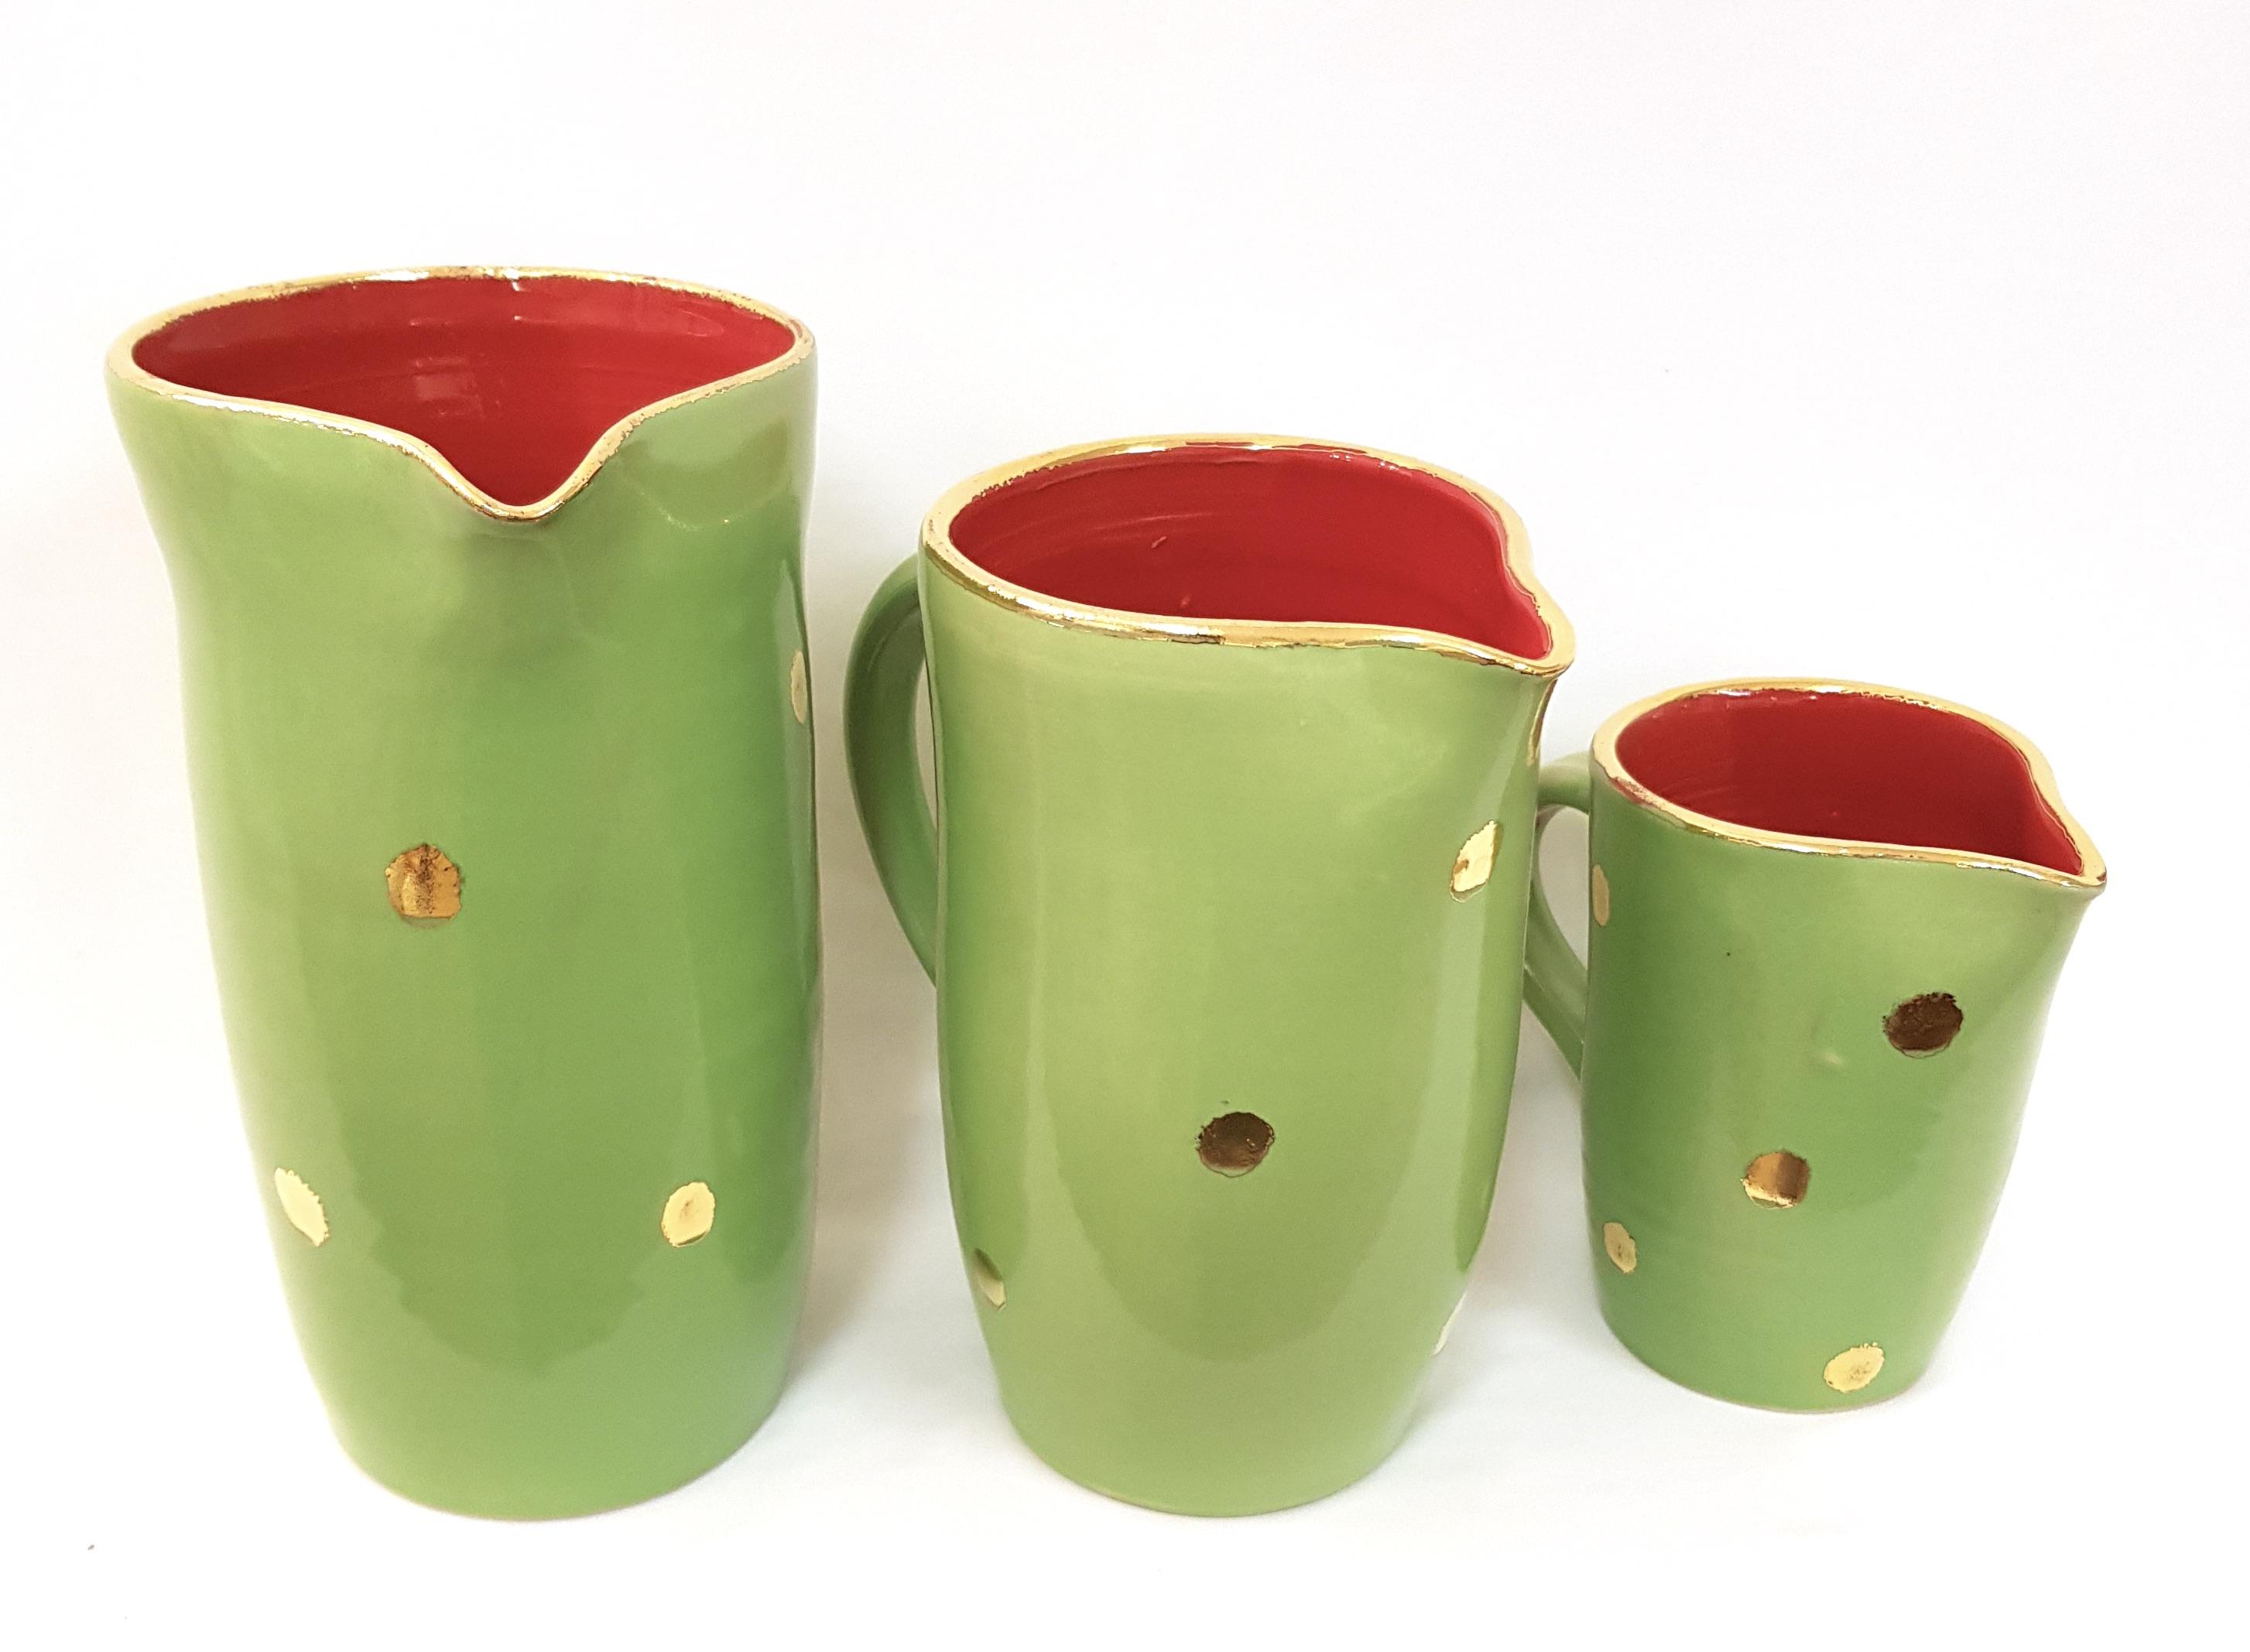 Krüge 3er Set, Keramik, Unikat, Töpferei la Ceramica Basel, Töpferkurse, Shop, Teamevent